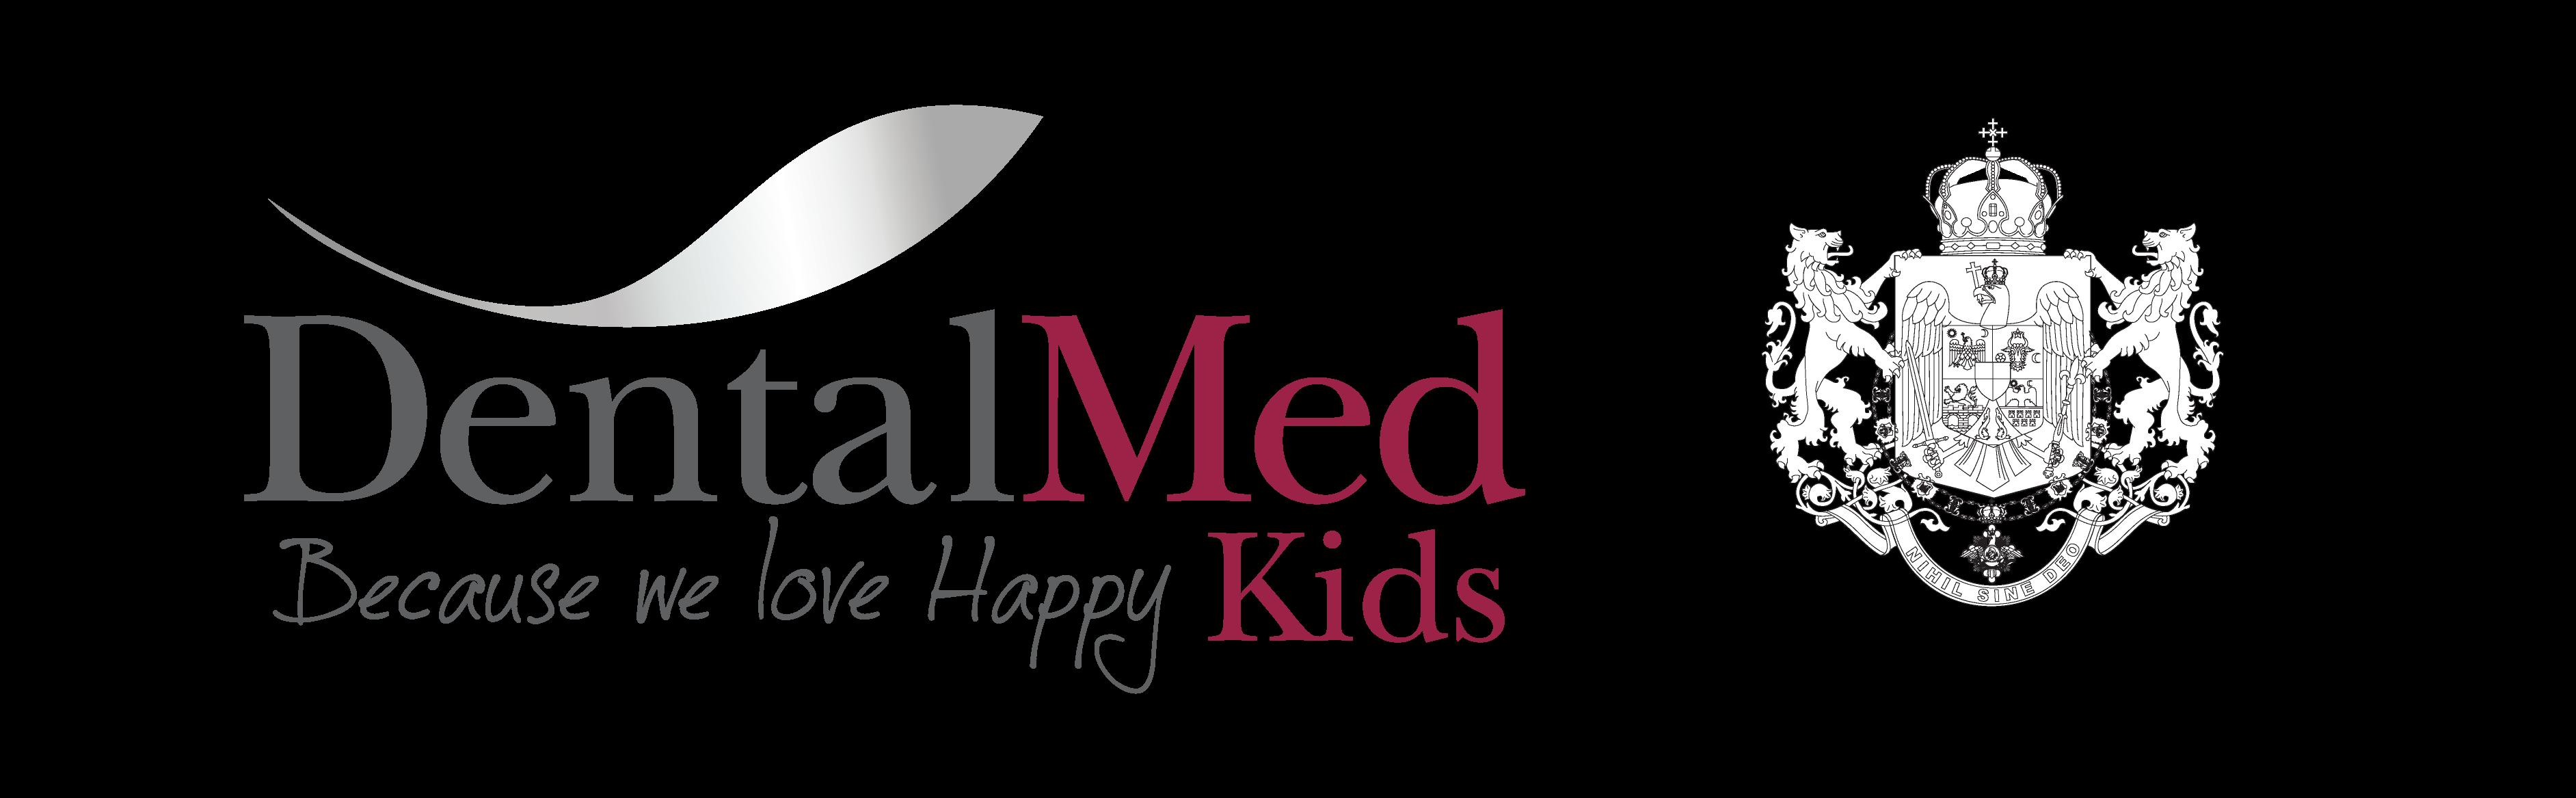 DENTALMED KIDS